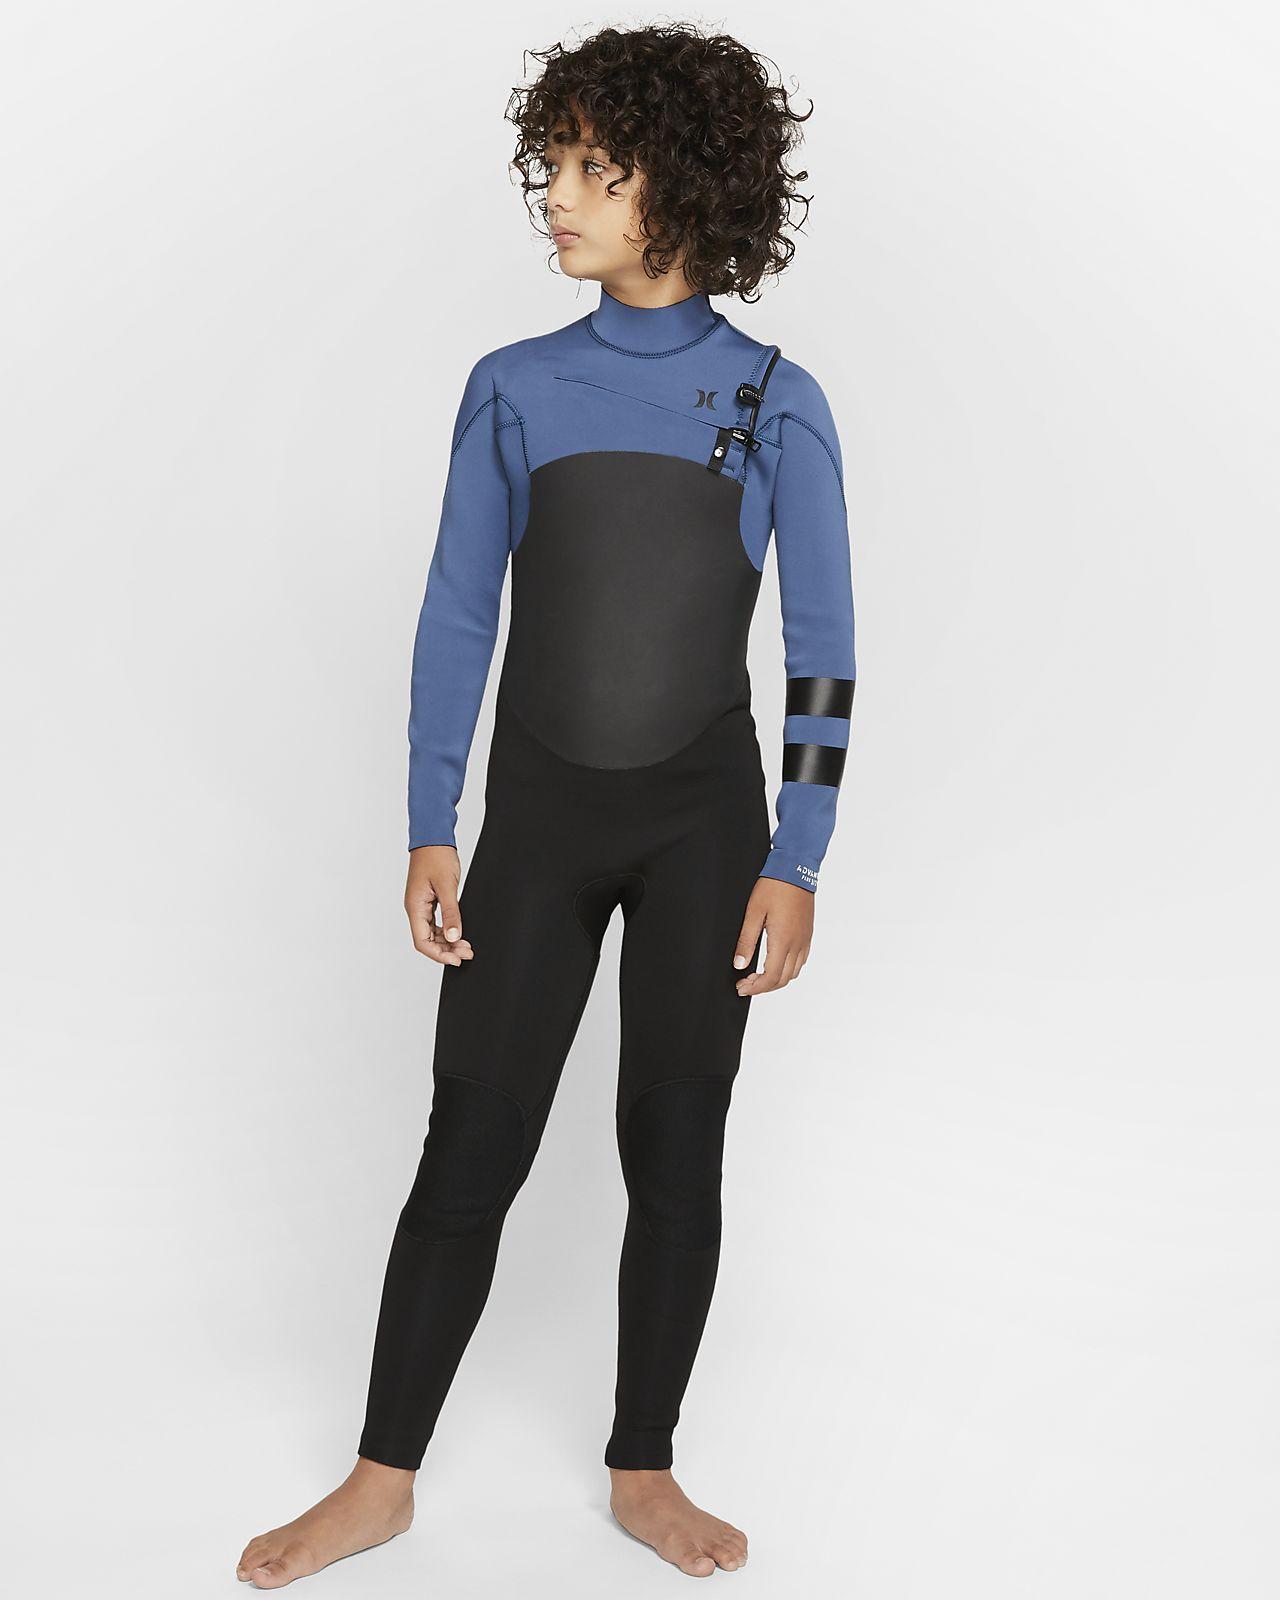 Hurley Advantage Plus 3/2 mm Fullsuit våtdrakt til barn